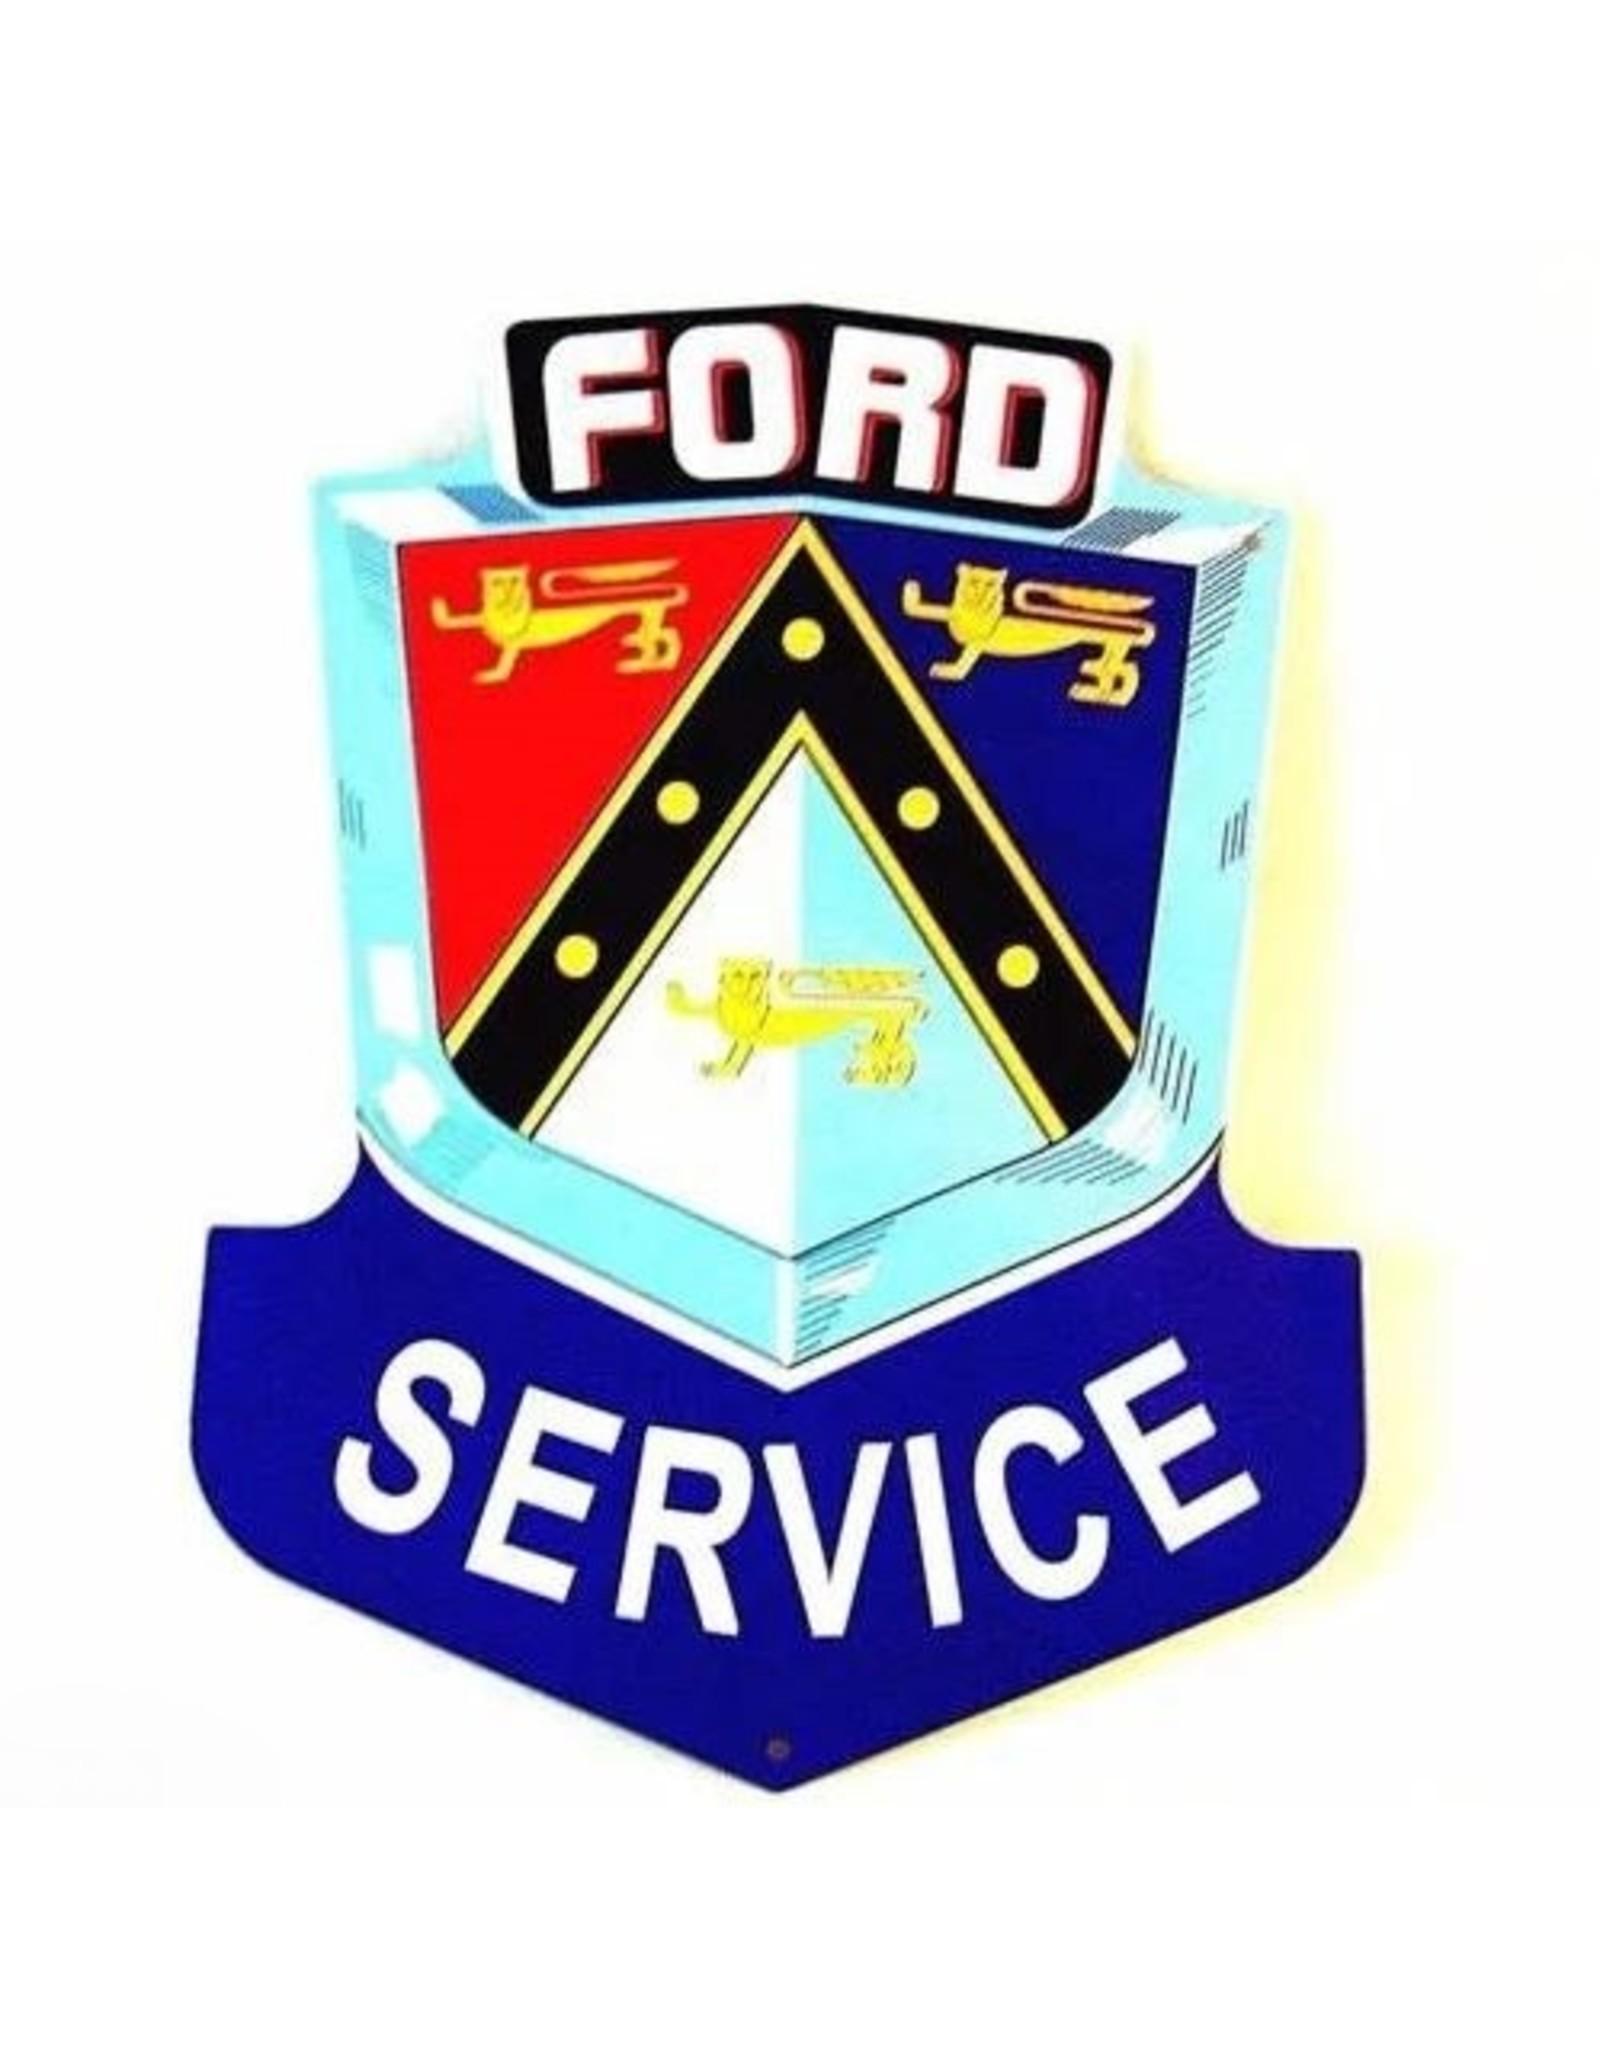 Blikken bord Tin Plate  Ford Service (21 cm x 27 cm)